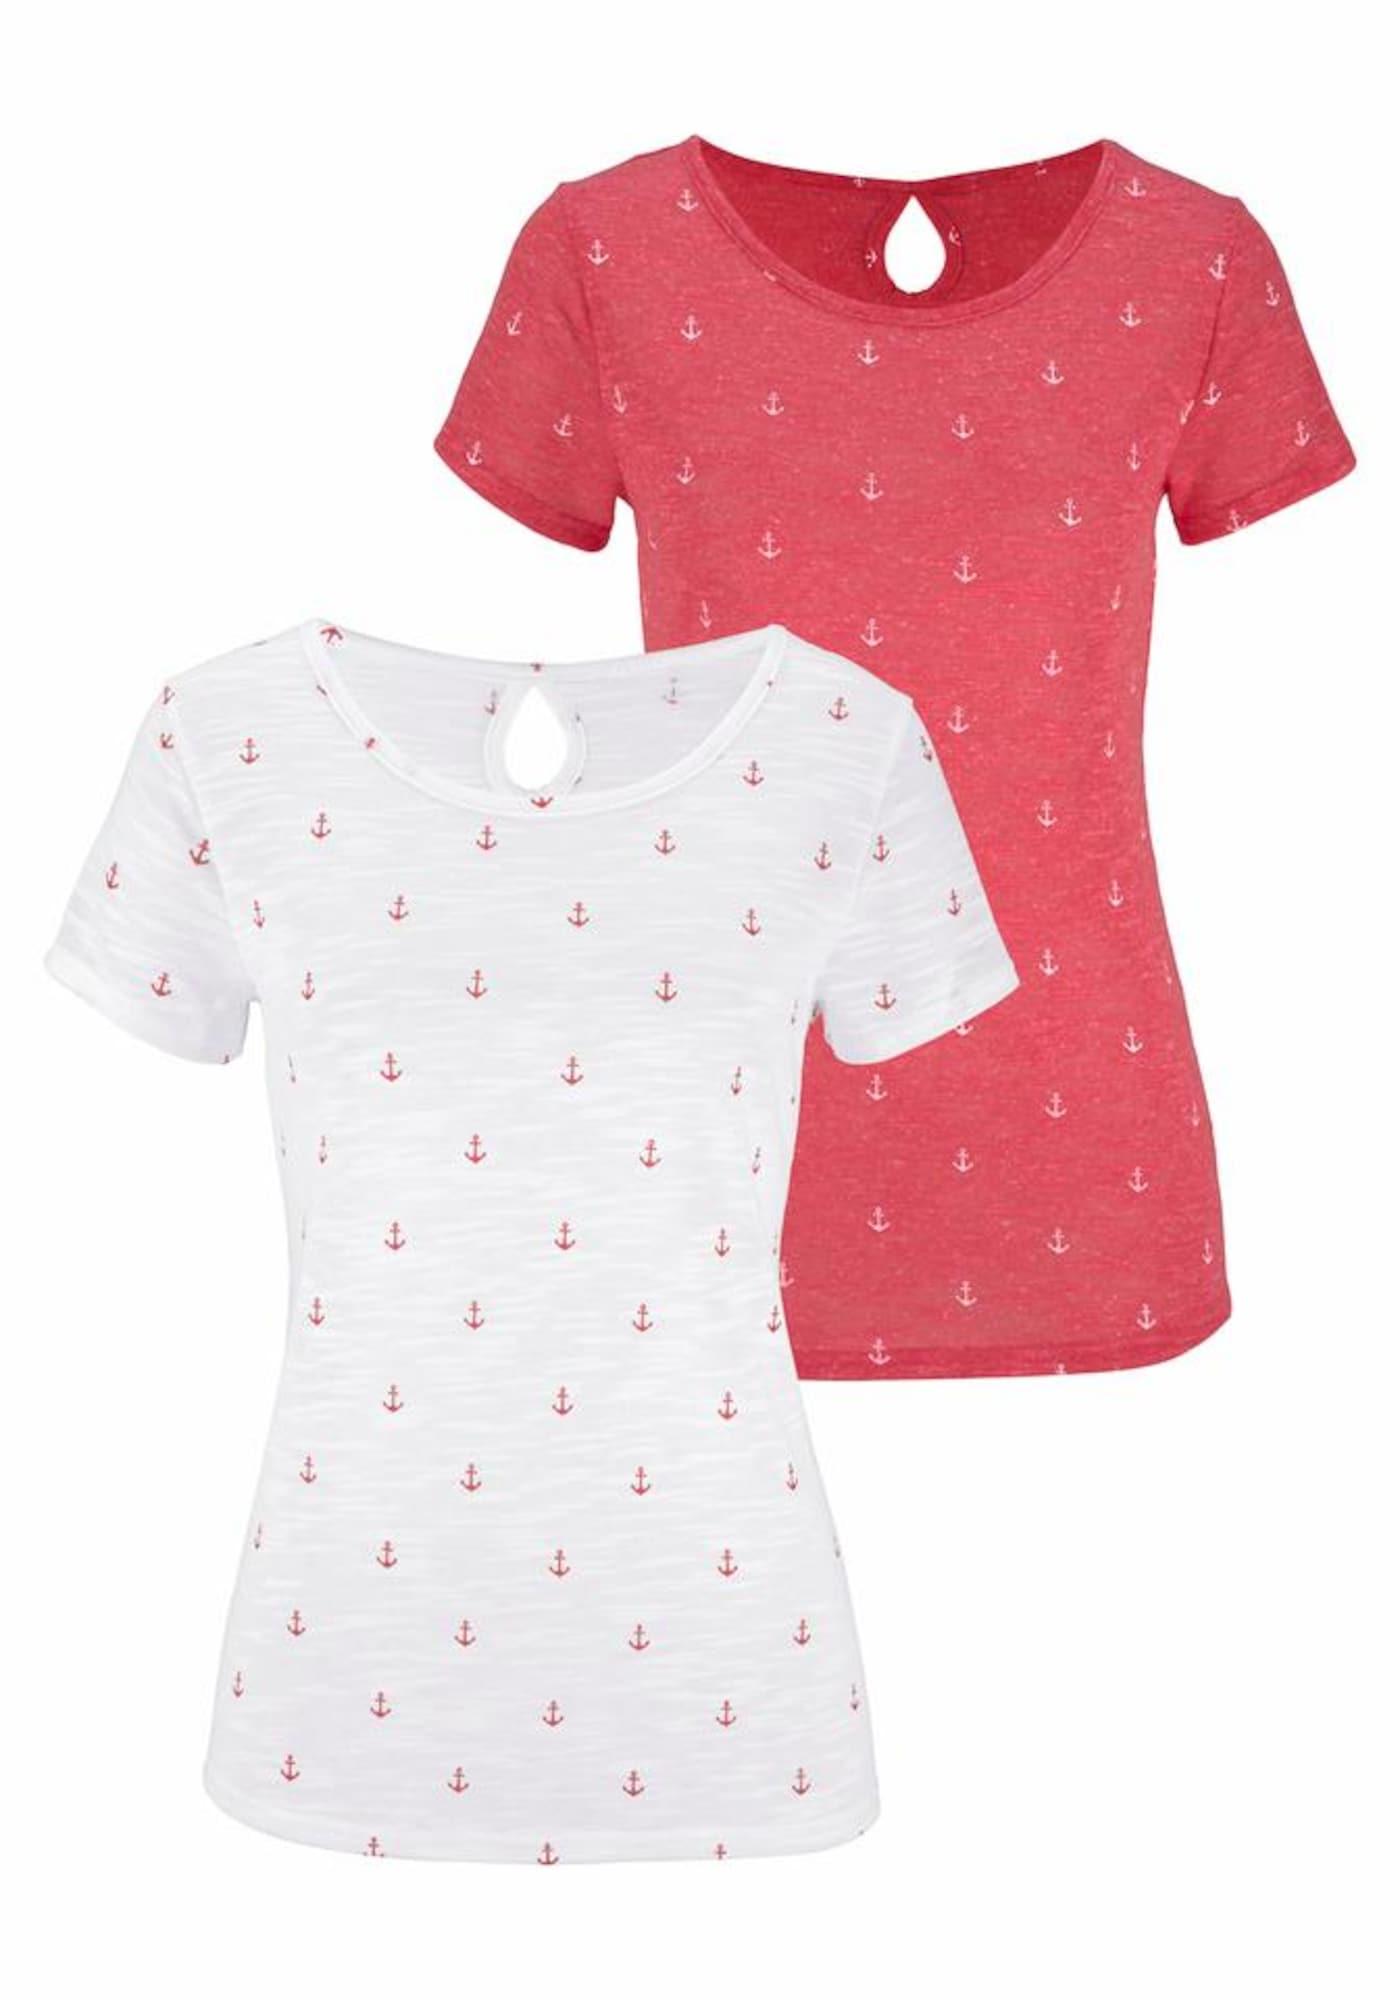 BEACH TIME Marškinėliai oranžinė-raudona / balta